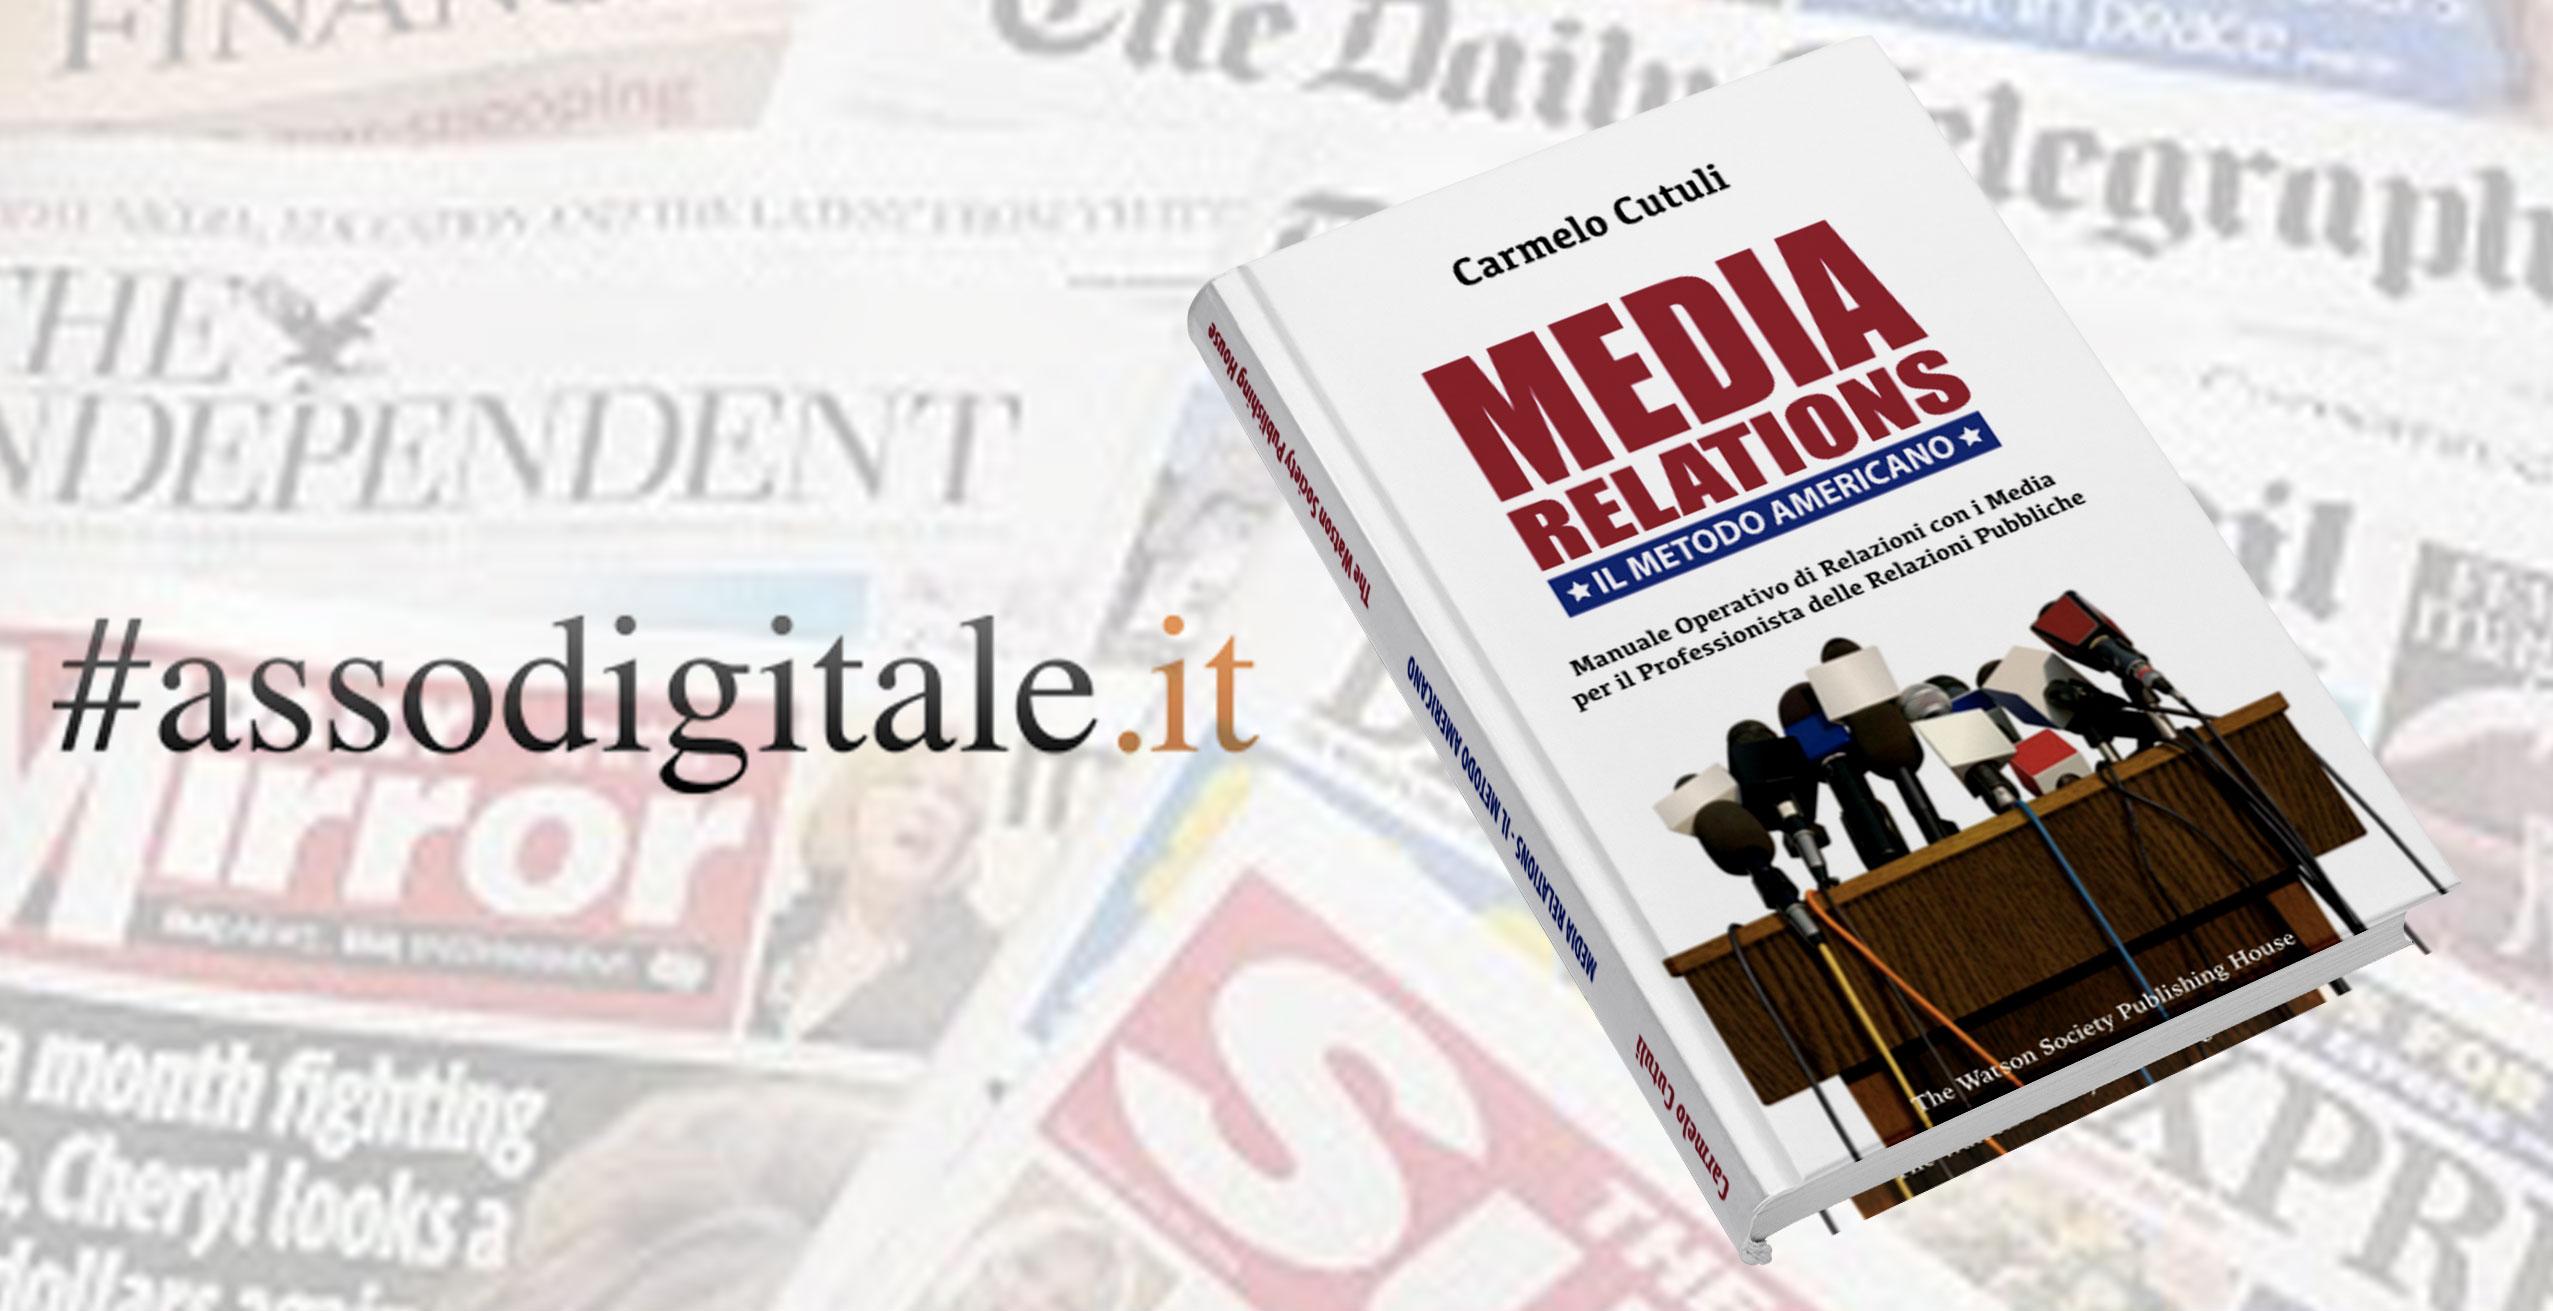 assodigitale media relations - Assodigitale Intervista Carmelo Cutuli, autore del libro 'Media Relations. Il metodo americano'